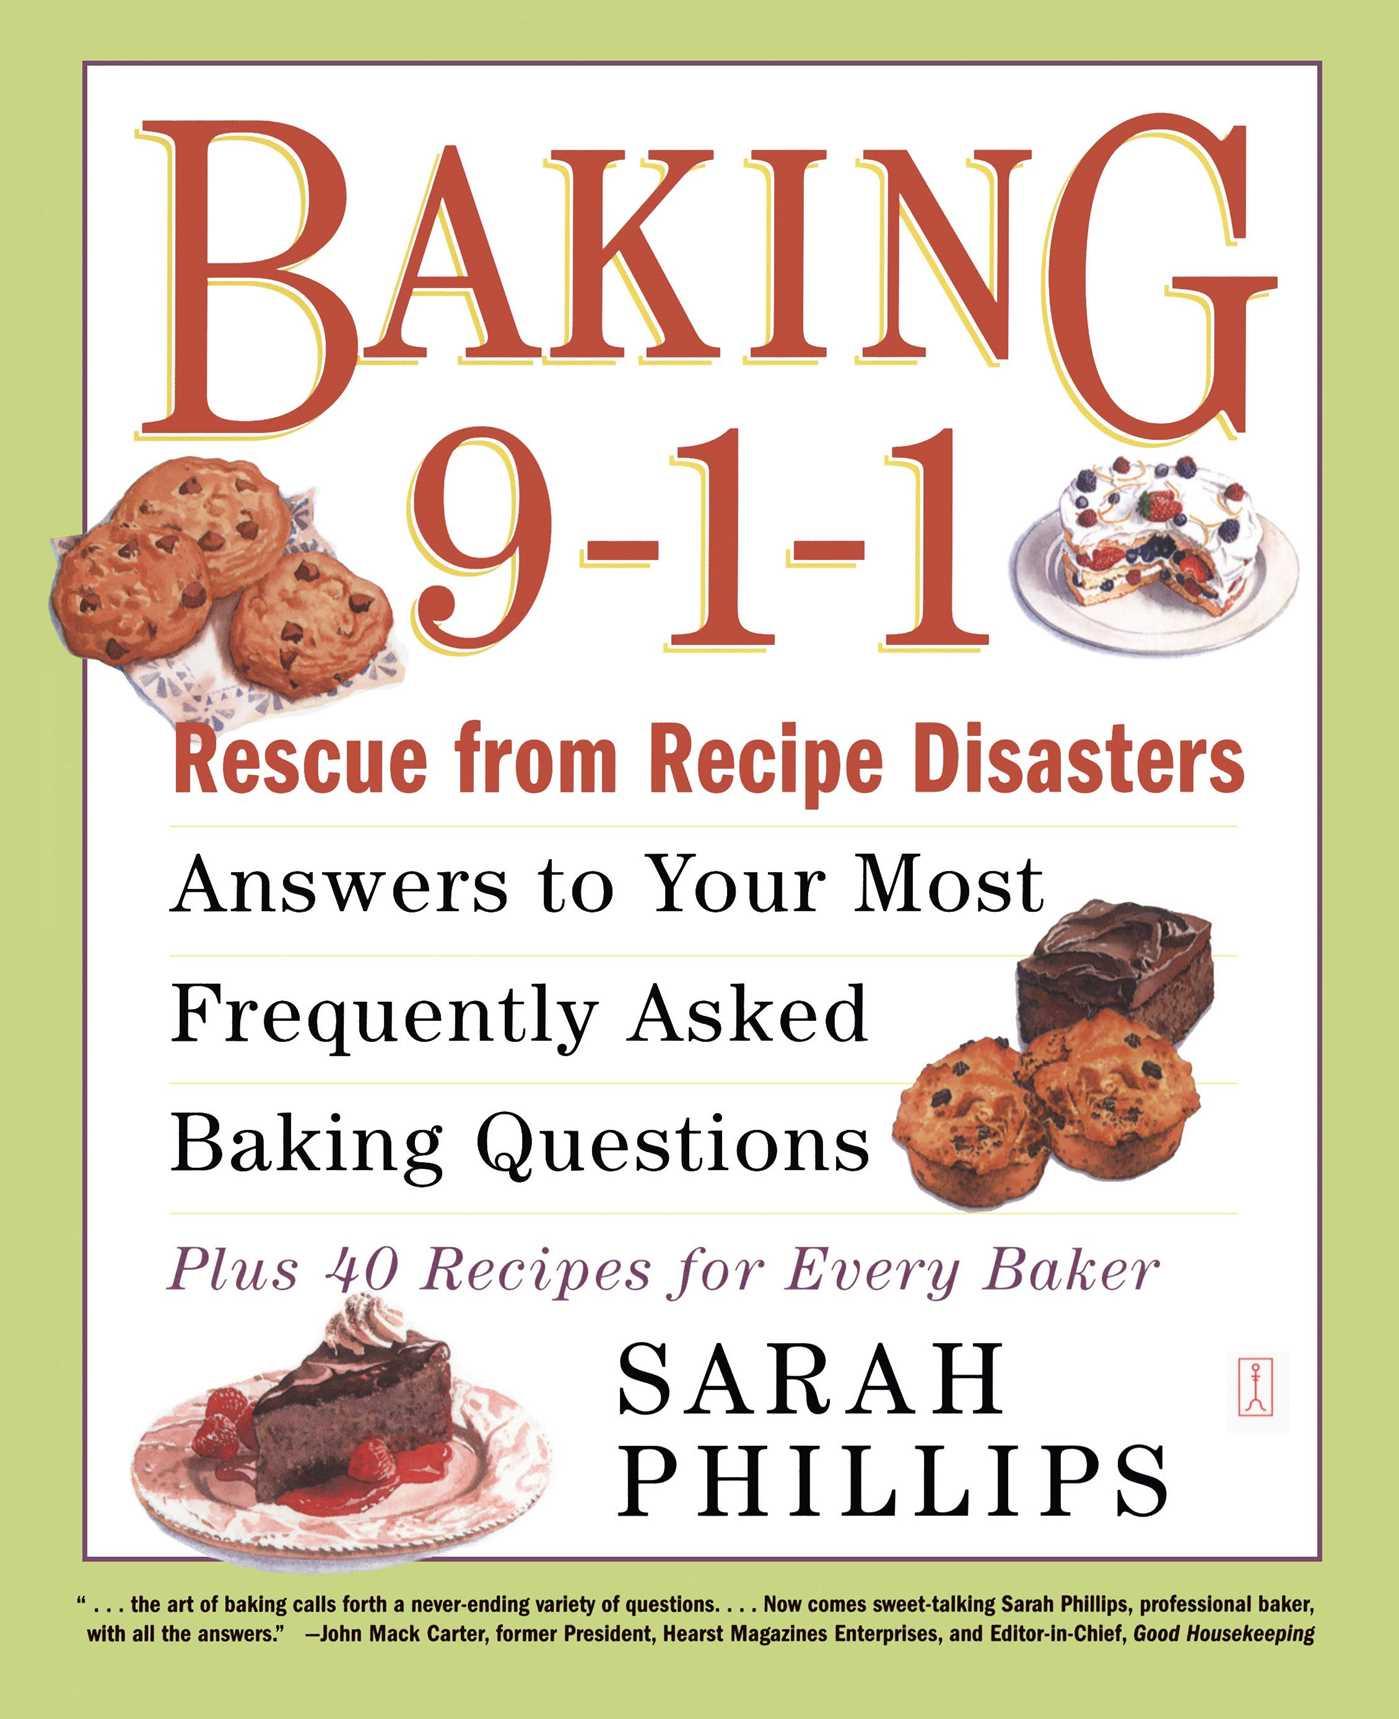 Baking 9 1 1 9780743246828 hr